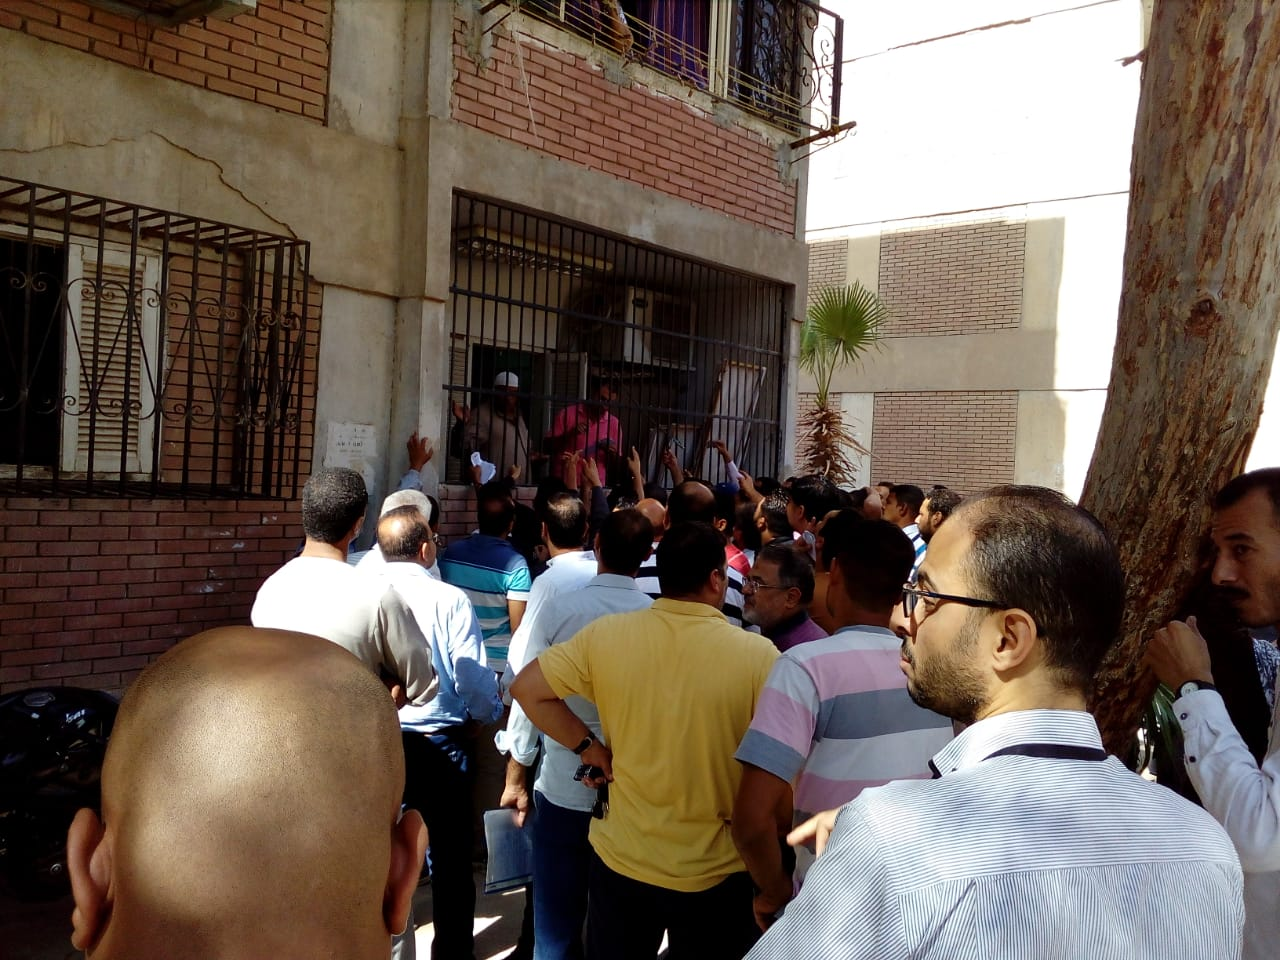 المواطنون أمام المكتب